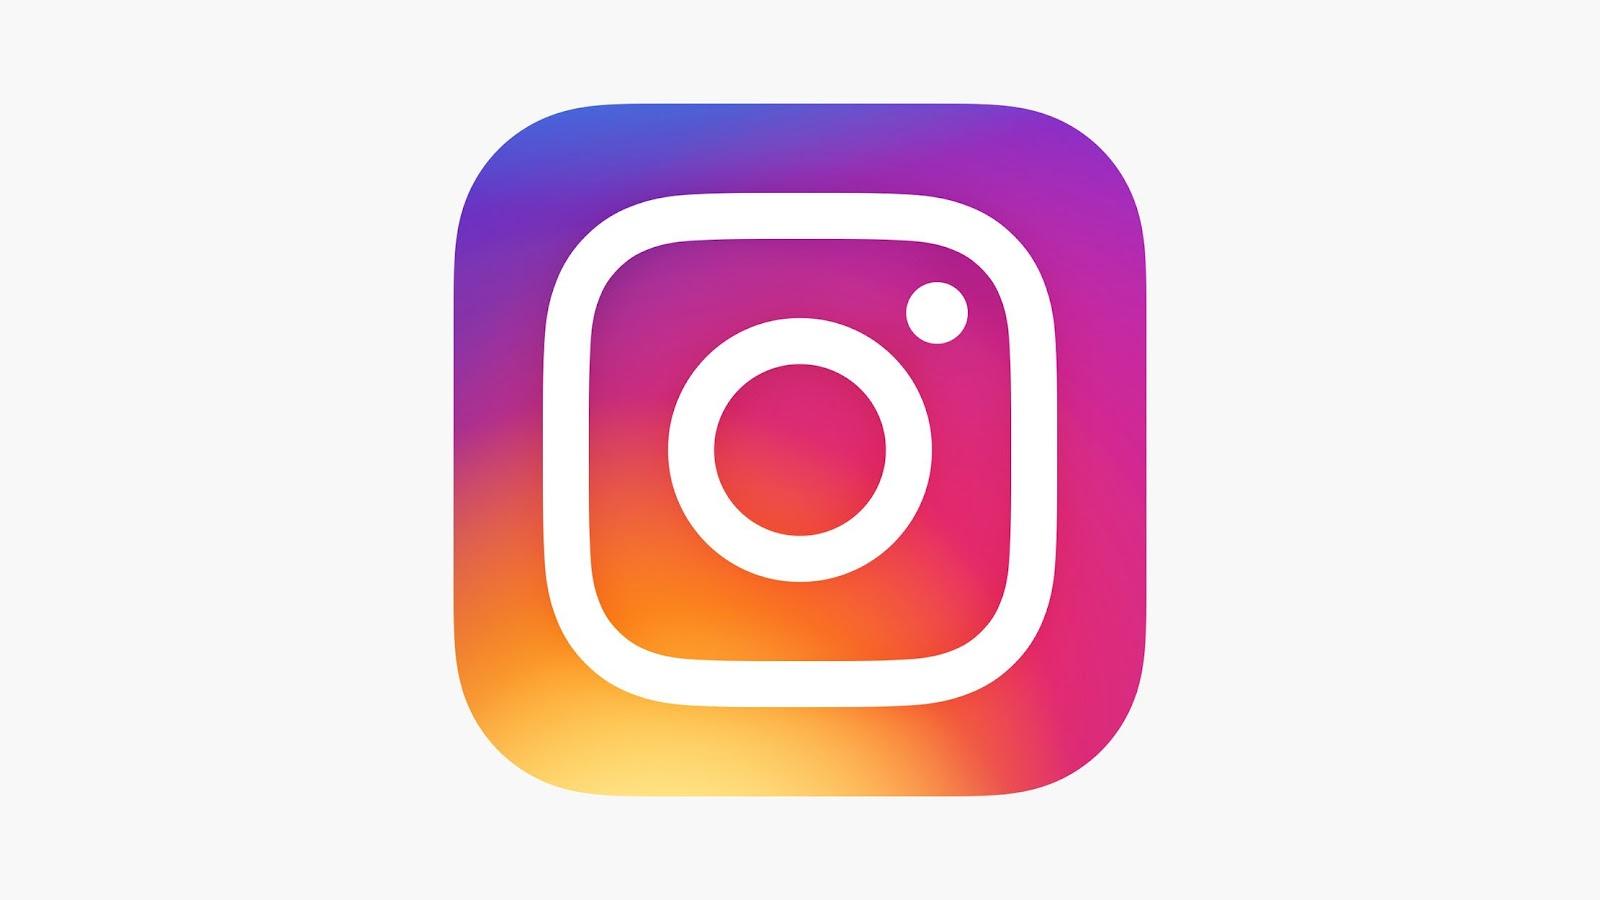 A funcionalidade também deverá voltar ao Snapchat, mas não conhecemos ninguém que ainda o utilize para testar.